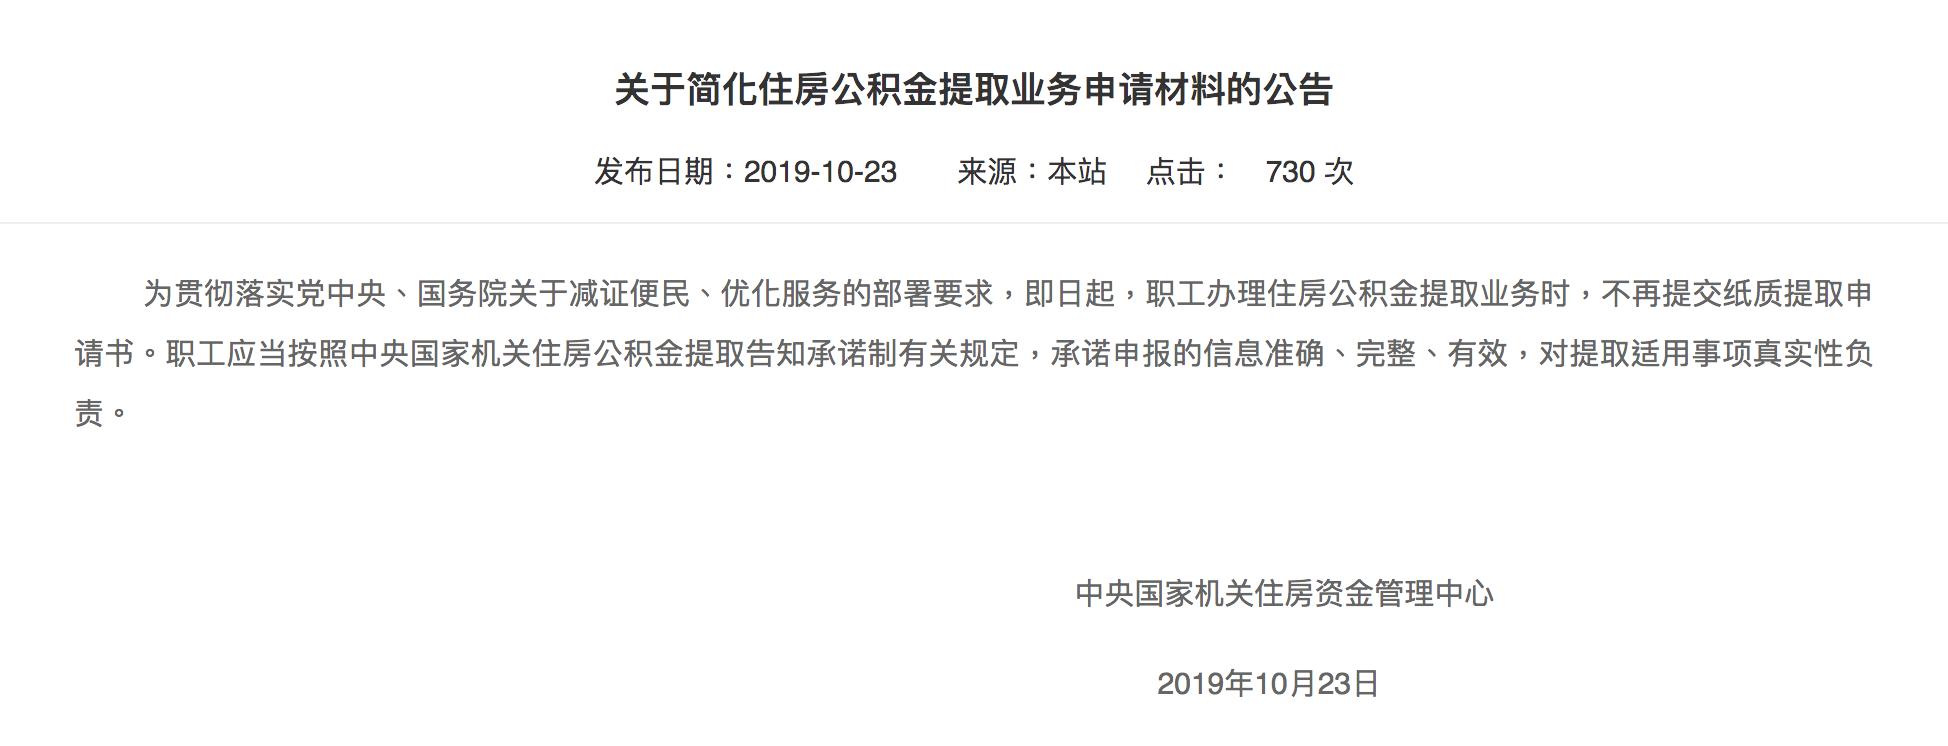 「九九国际娱乐」亚航宣布中止与飞猪合作